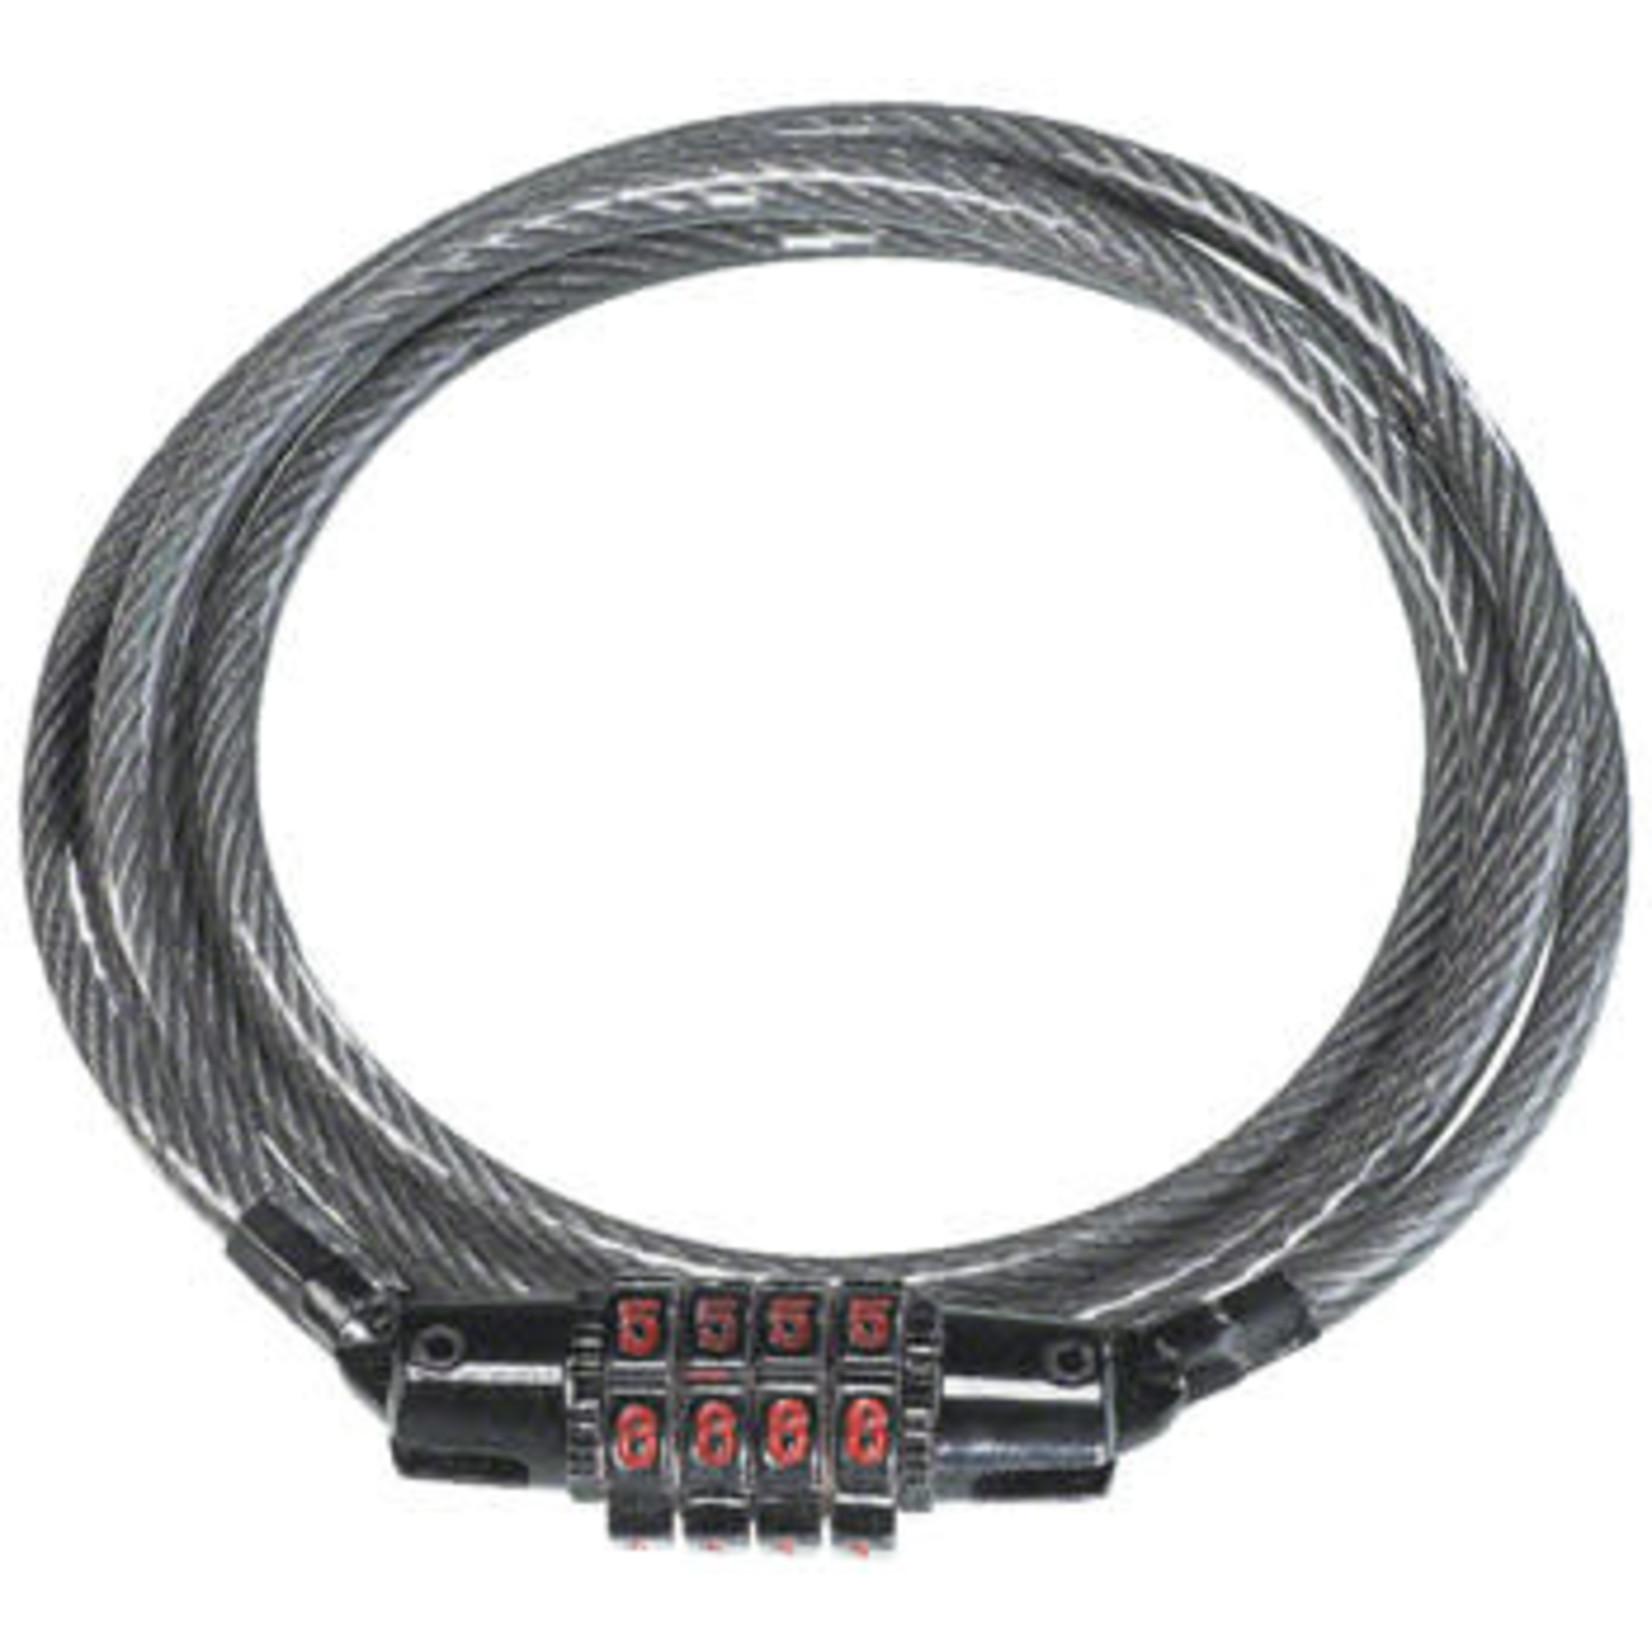 Kryptonite Kryptonite KryptoFlex Keeper 512 4-Digit Combo Cable Lock: 4' x 5mm